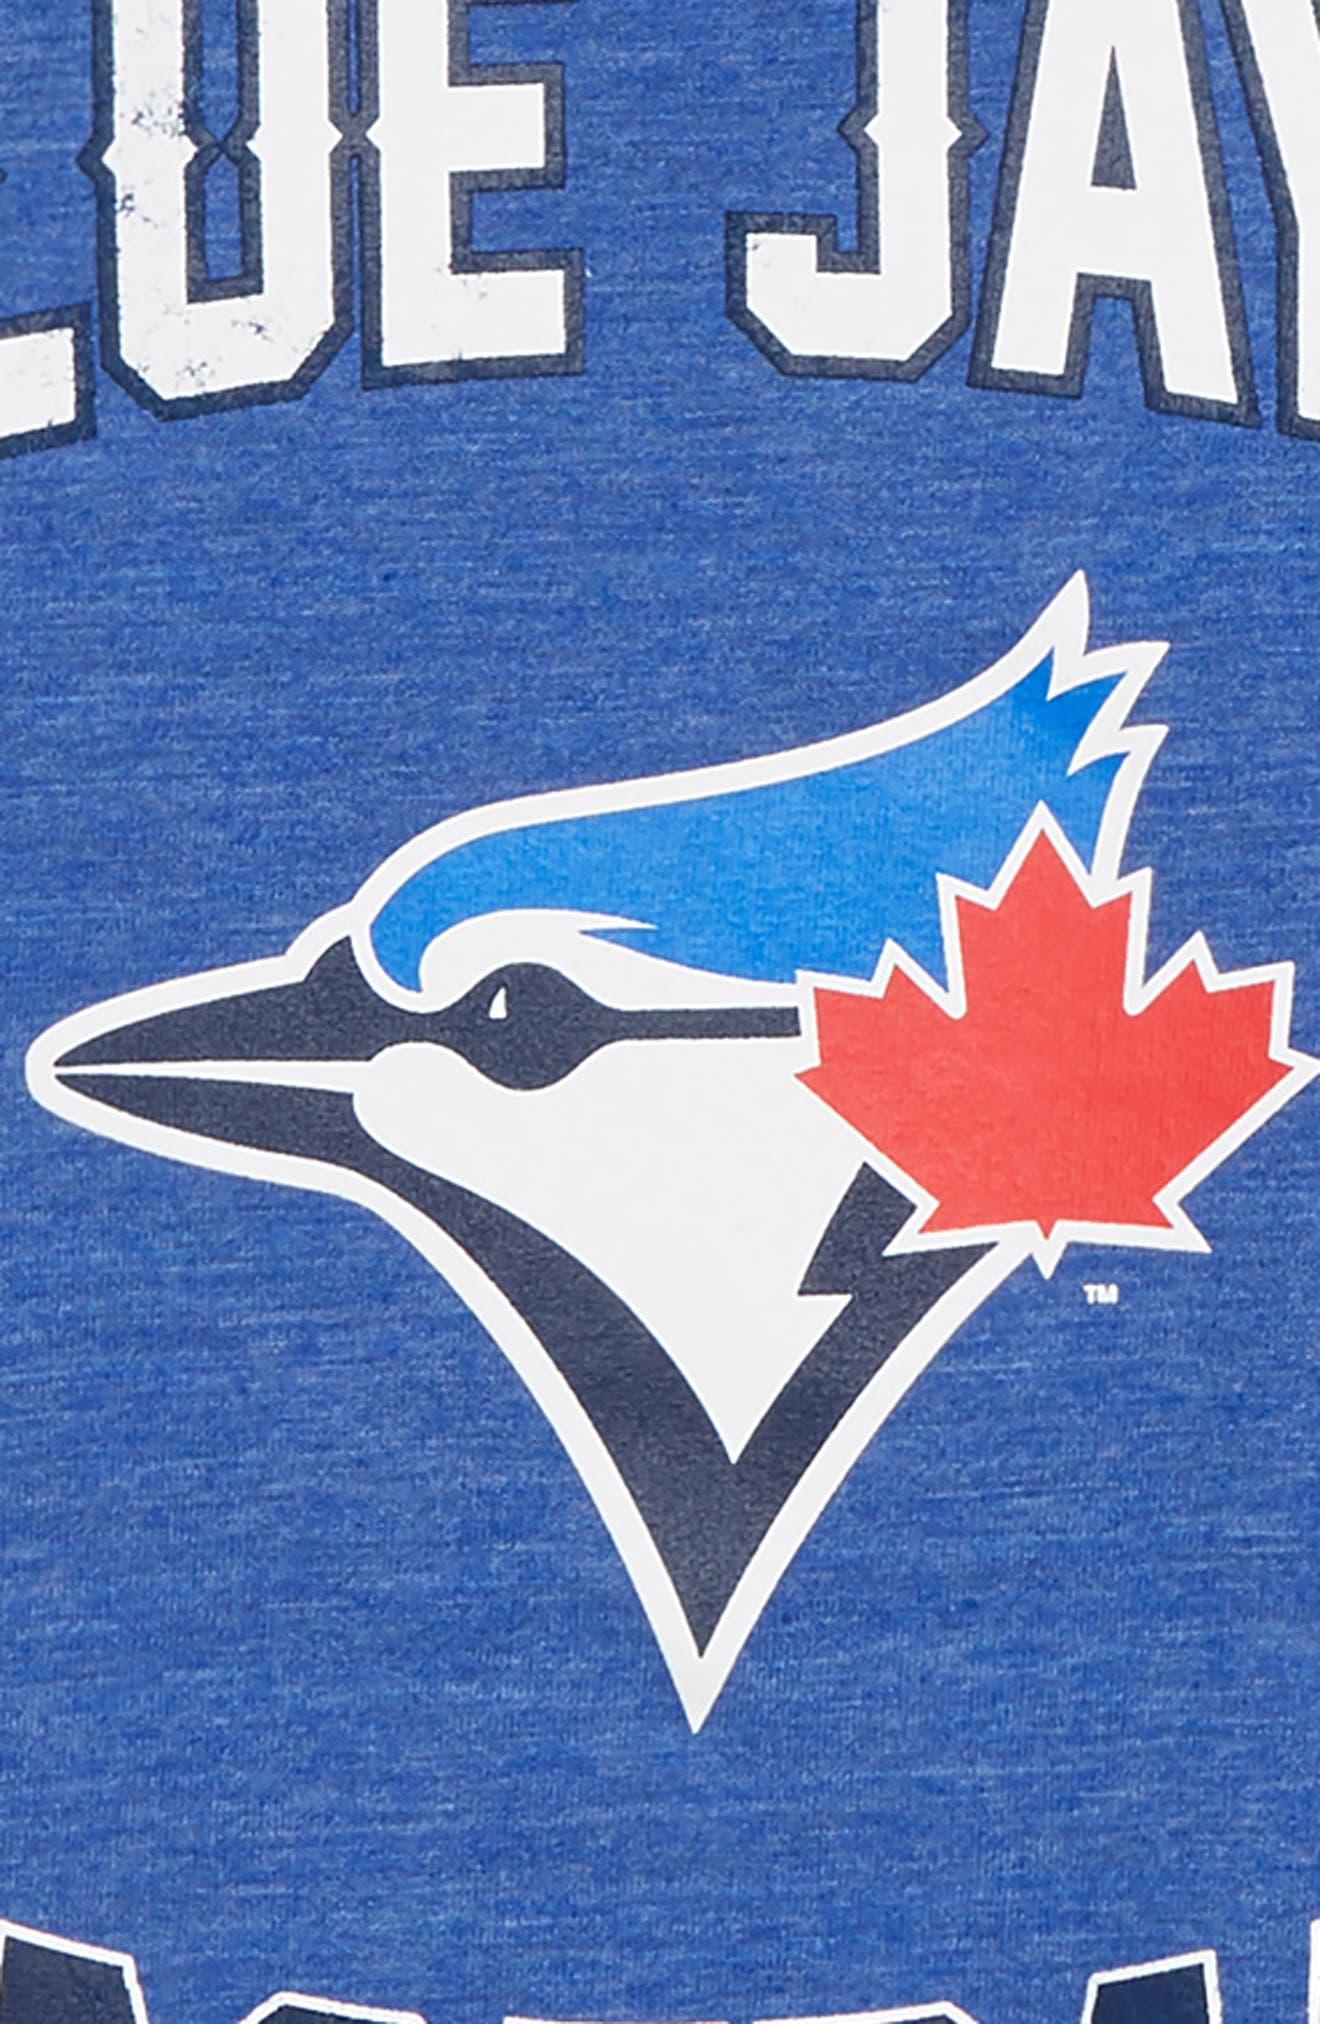 Toronto Blue Jays Triple Play T-Shirt,                             Alternate thumbnail 2, color,                             461